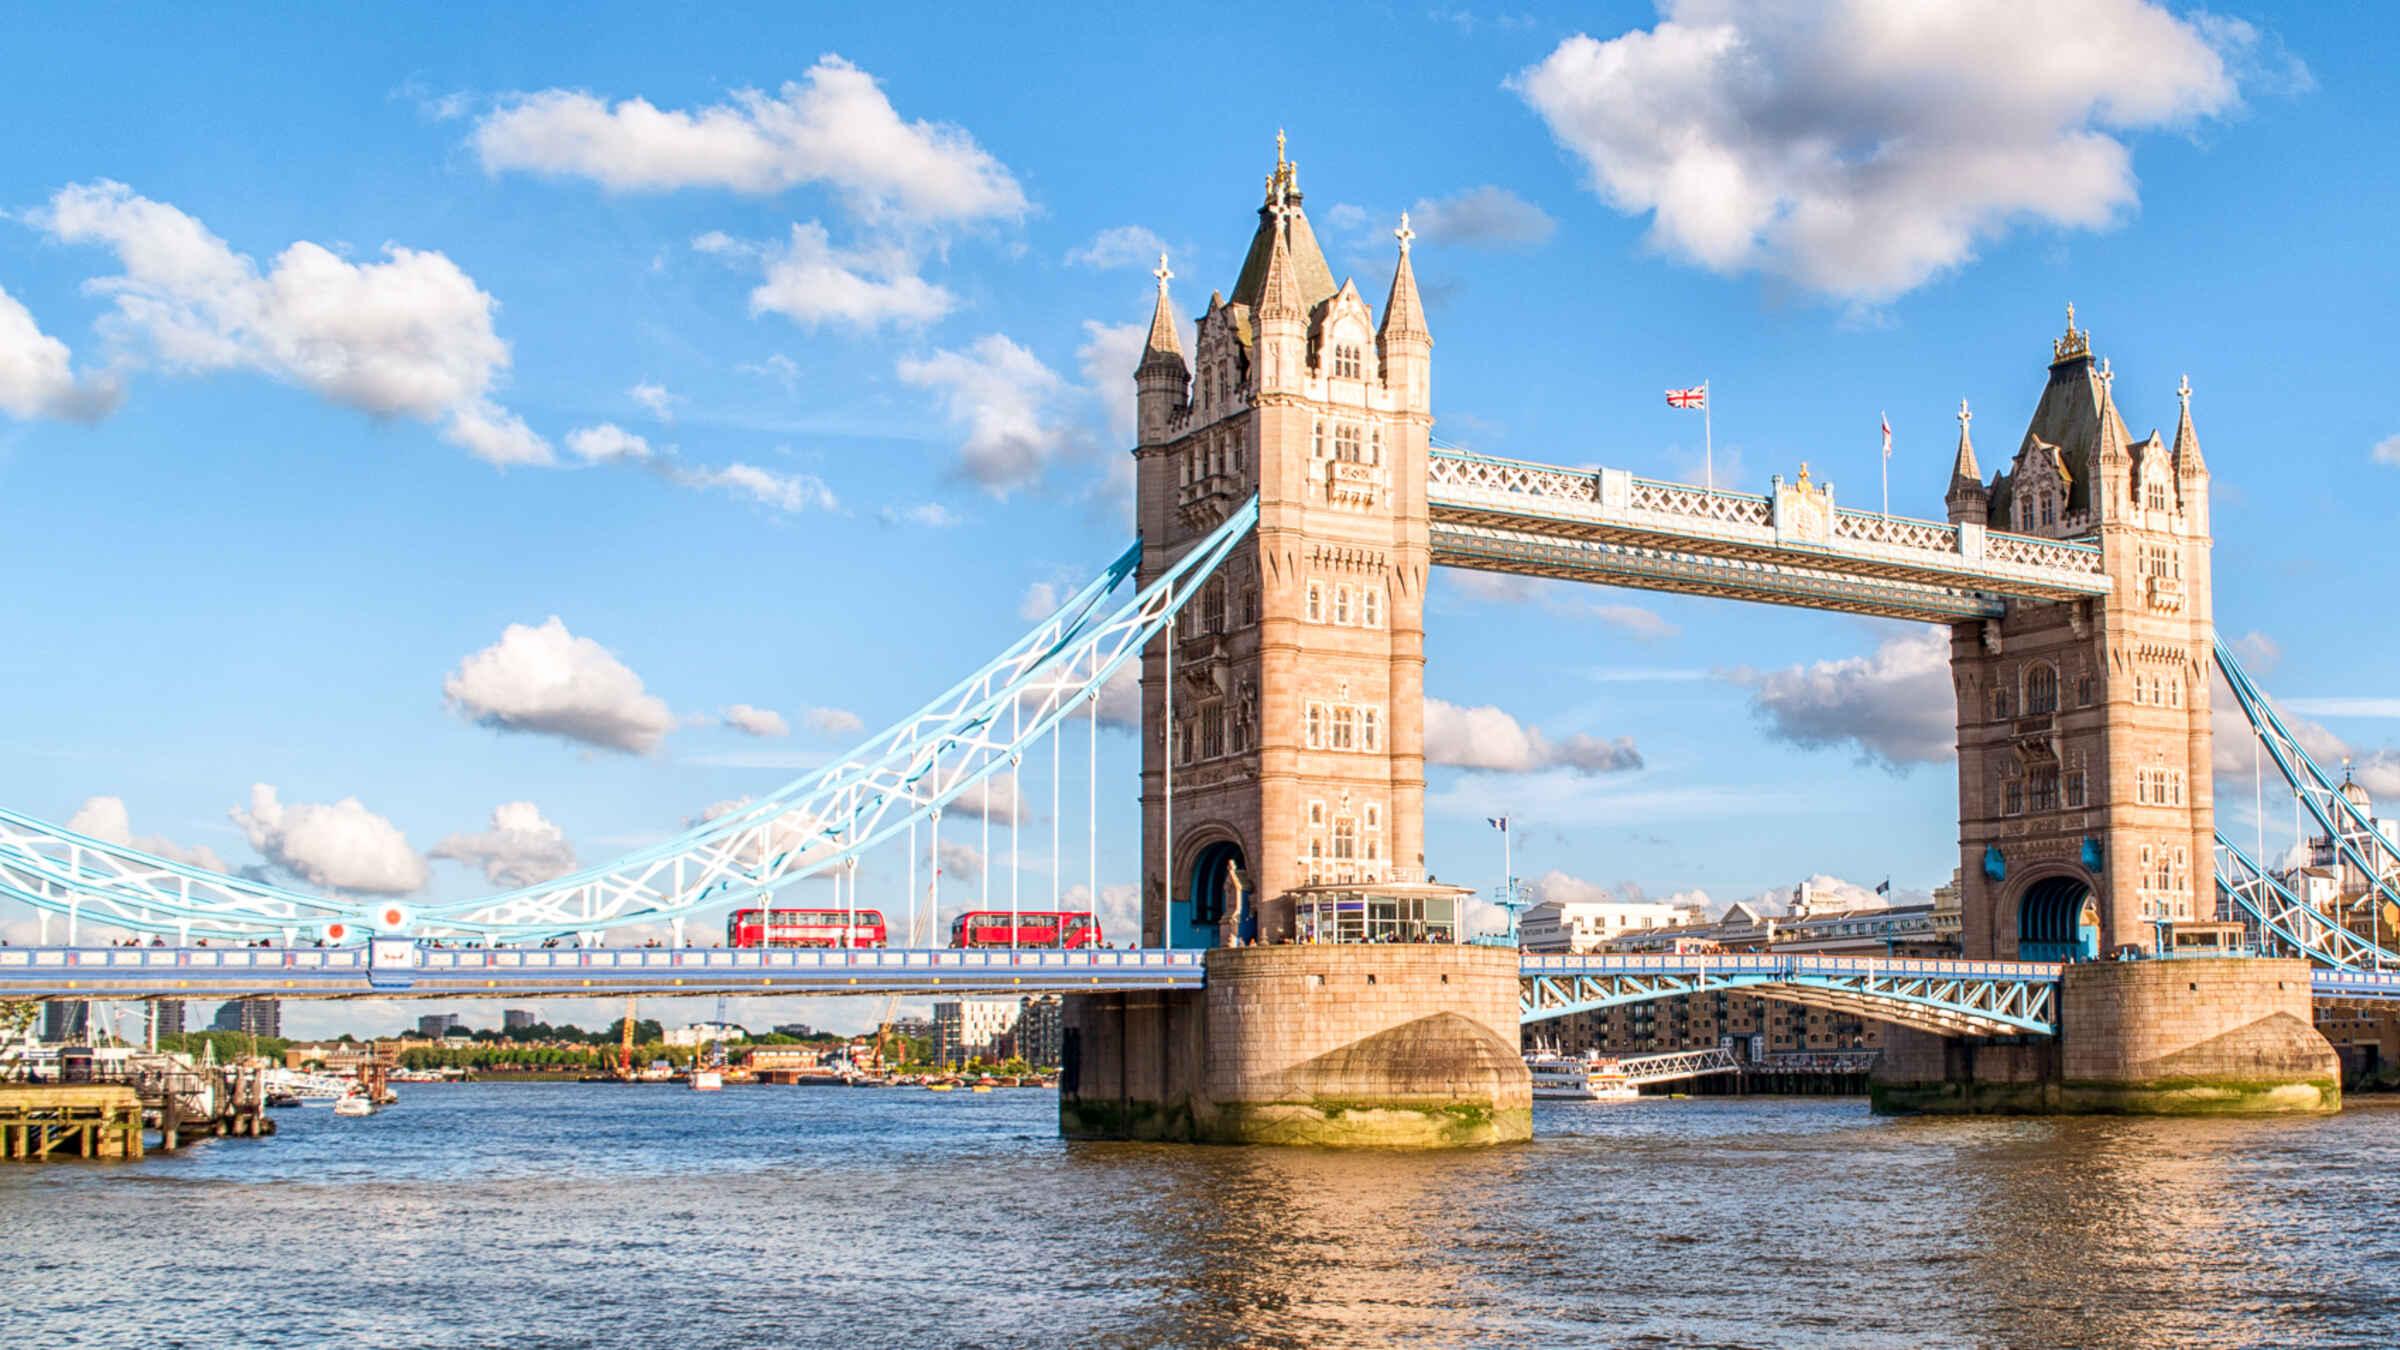 تاور بریج لندن ، مشهور ترین پل شهر لندن